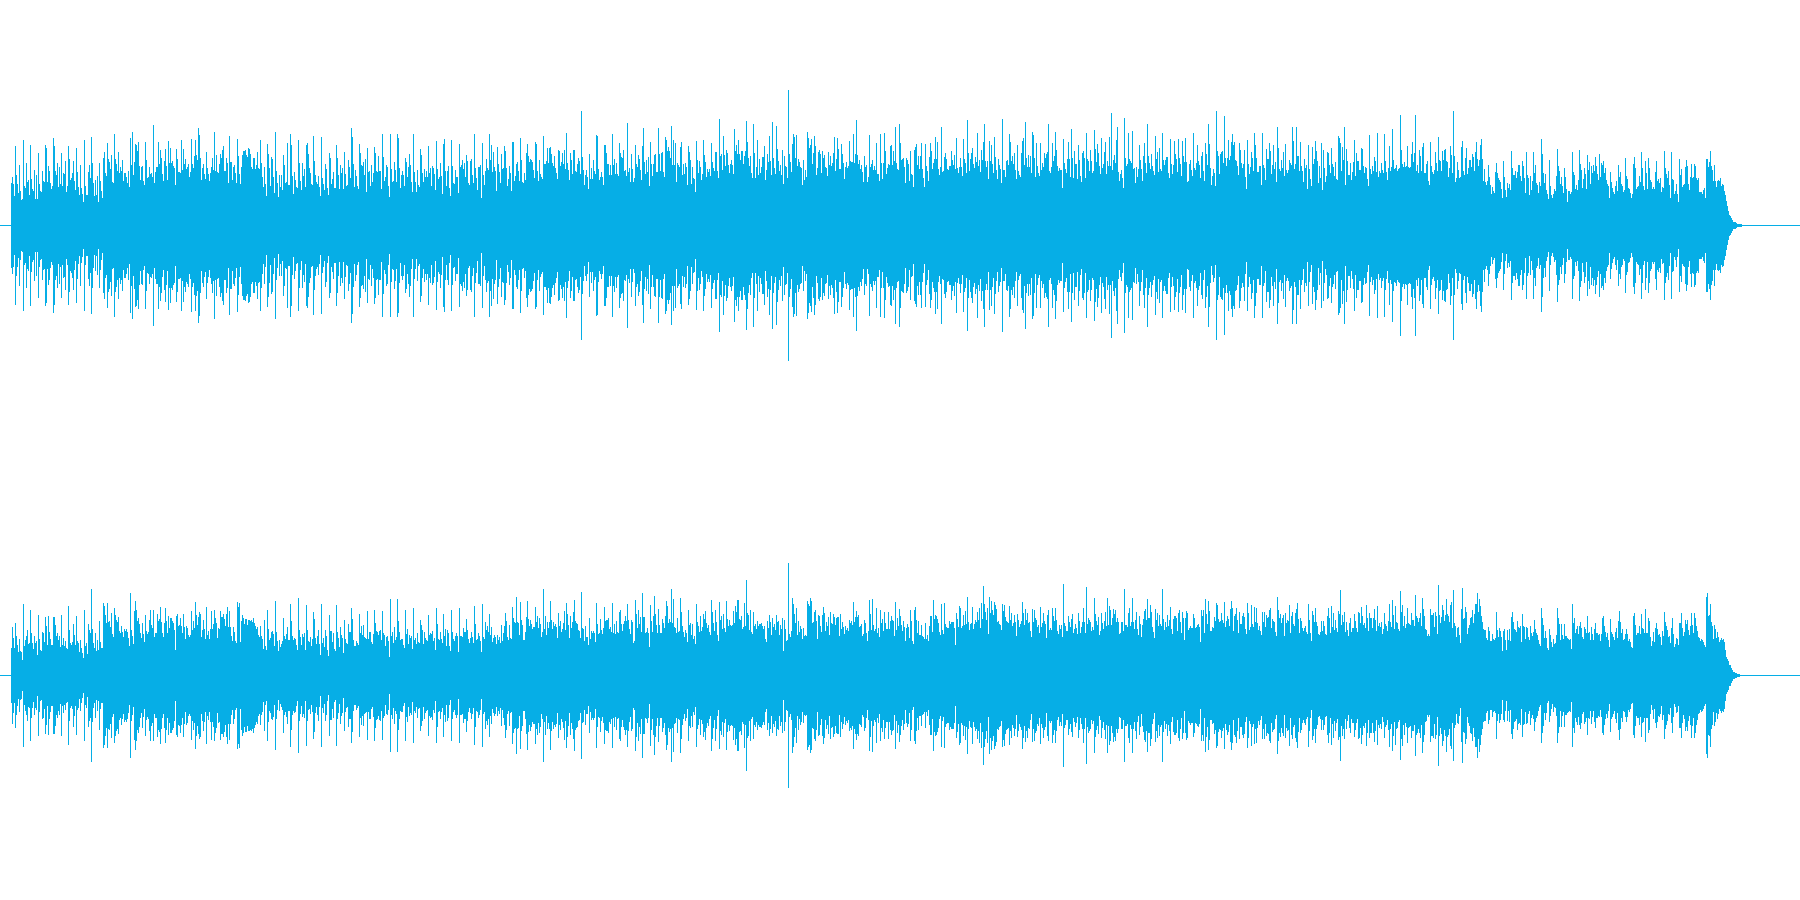 8ビート・マイナー・ニューミュージックの再生済みの波形